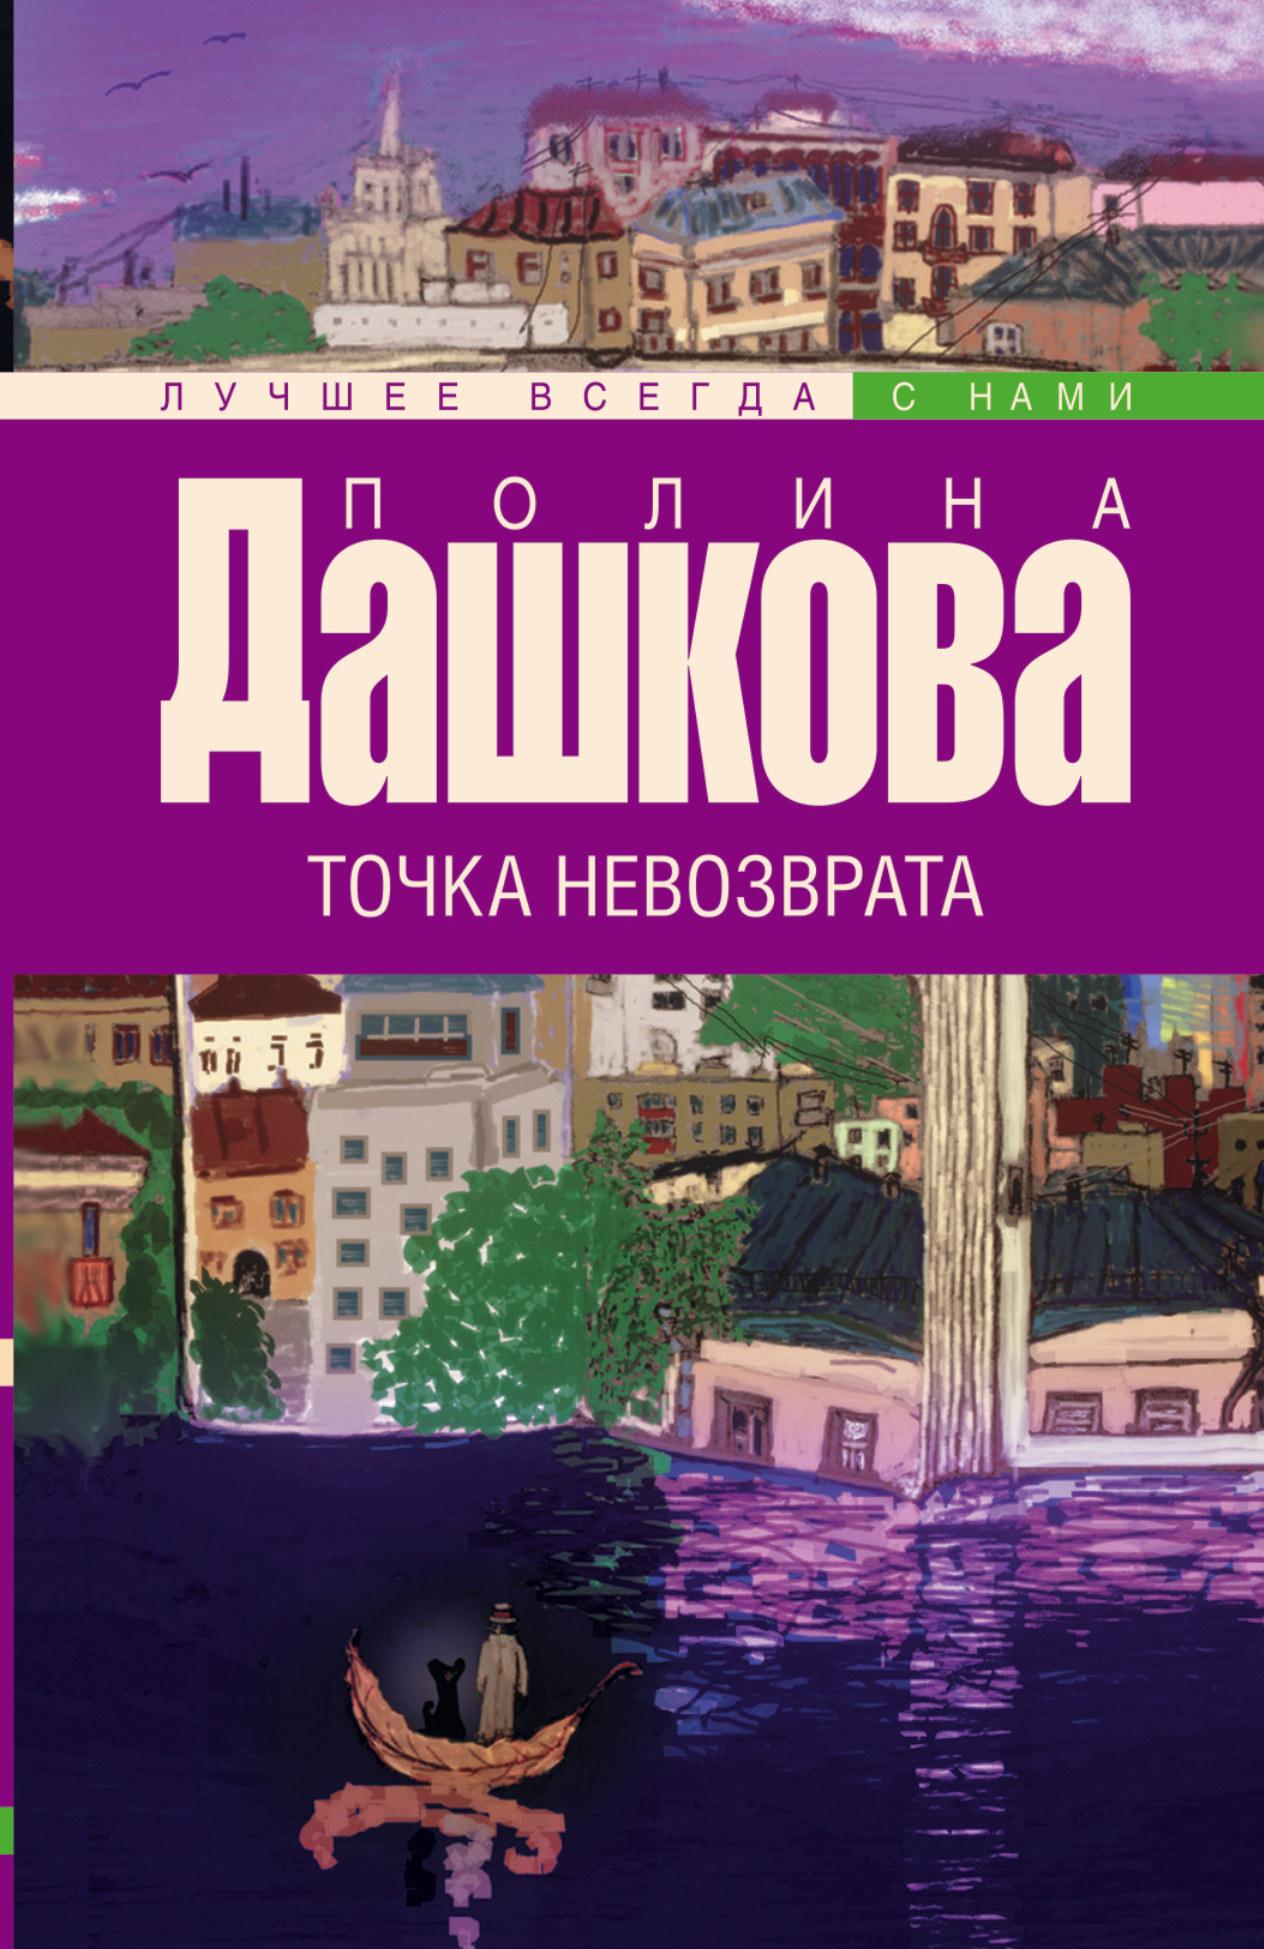 Дашкова П.В. Точка невозврата броши эксмо артброшка gapchinska ангел я знаю где прячутся соленые огурчики